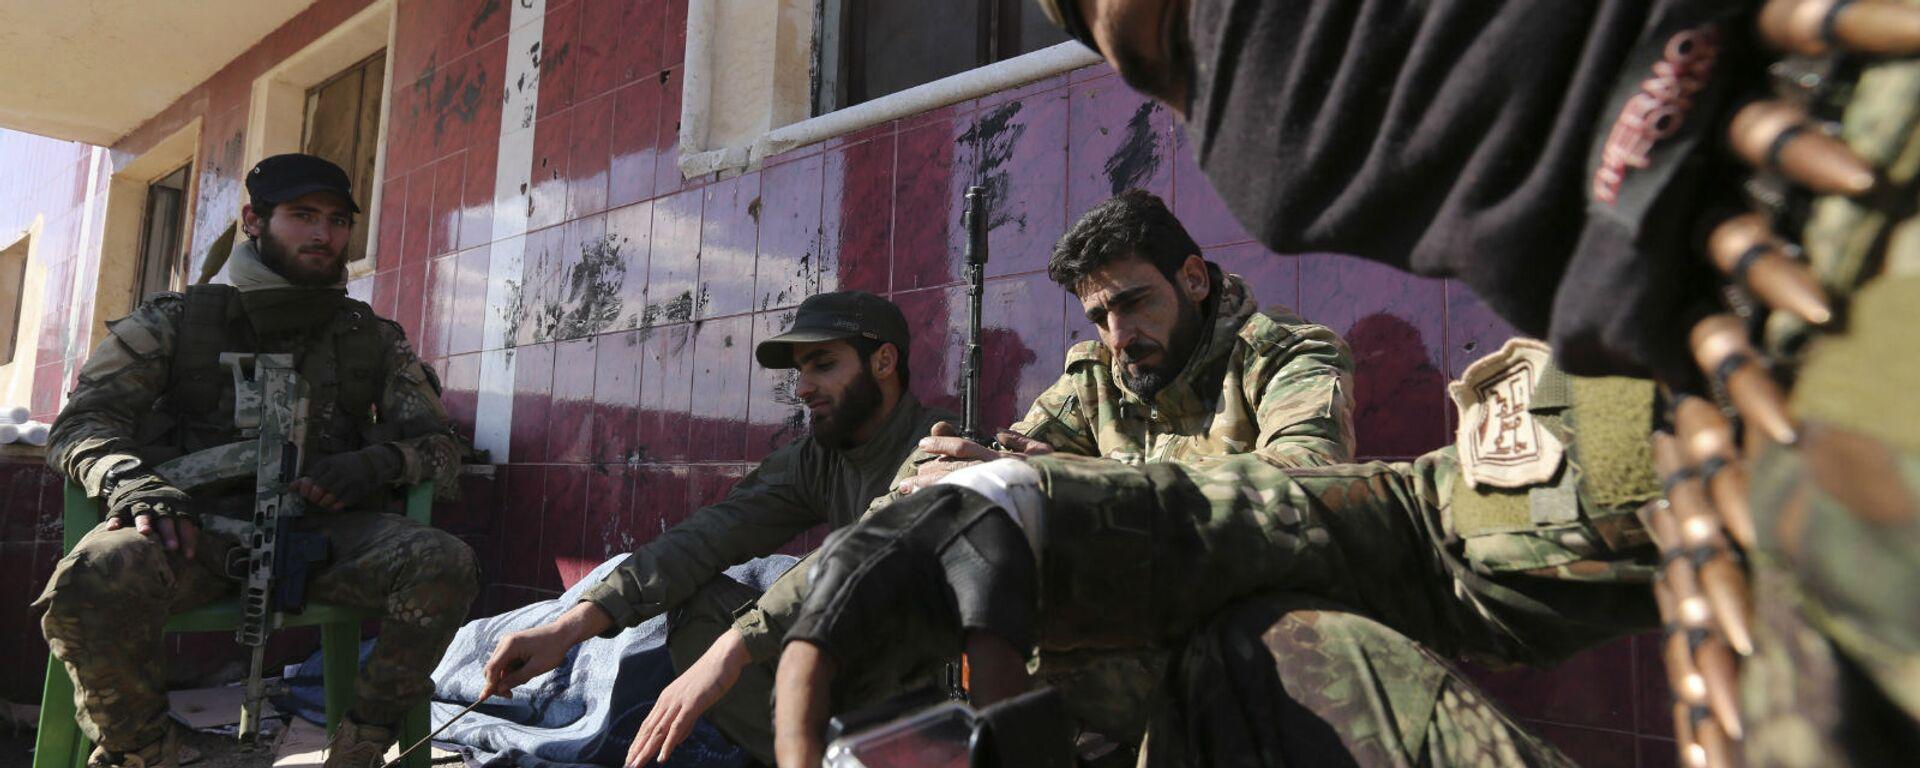 Поддерживаемые Турцией сирийские боевики готовятся отправиться на передовую в провинции Идлиб (10 февраля 2020). Сирия - Sputnik Армения, 1920, 22.09.2021